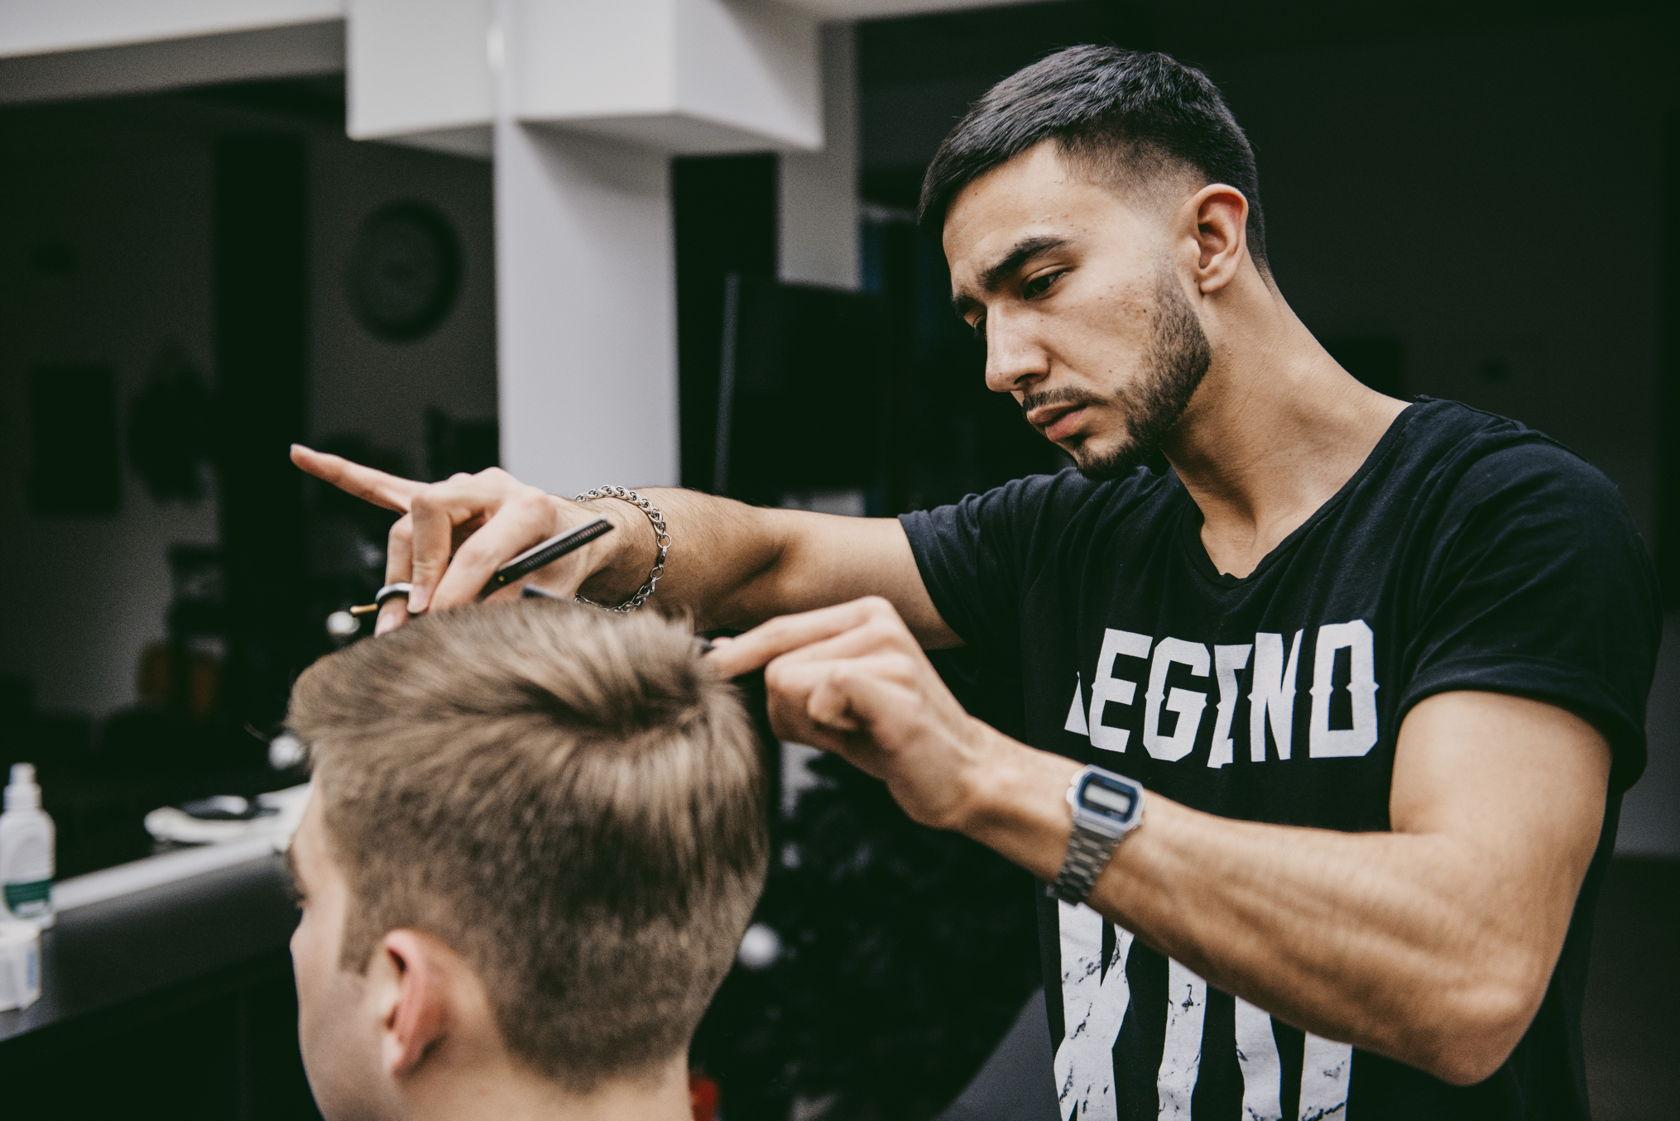 женщин парикмахерская картинки мужчине поломок